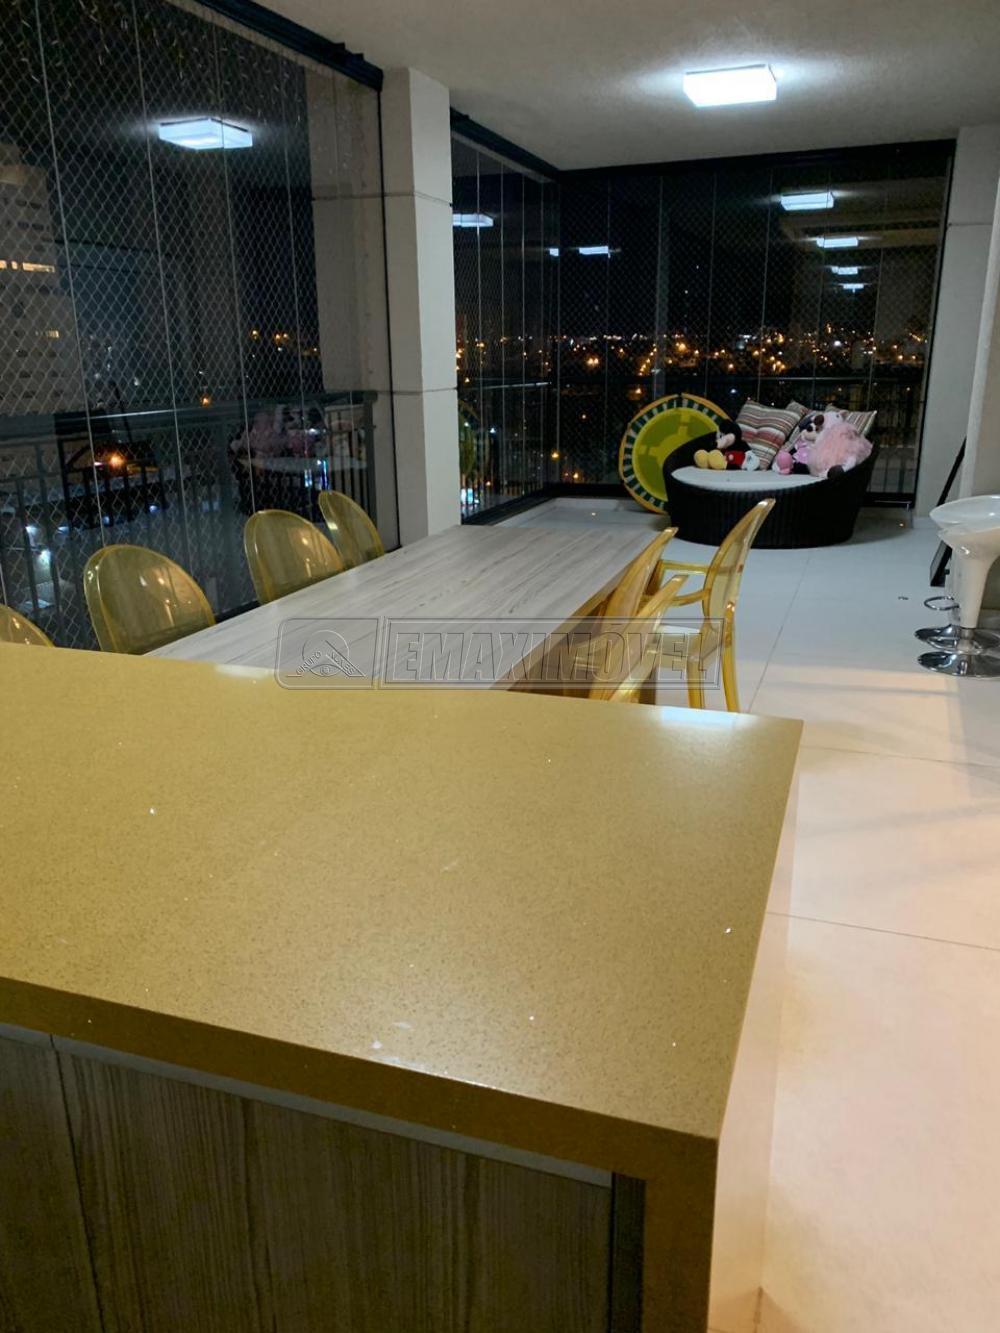 Comprar Apartamentos / Apto Padrão em Sorocaba apenas R$ 2.500.000,00 - Foto 25